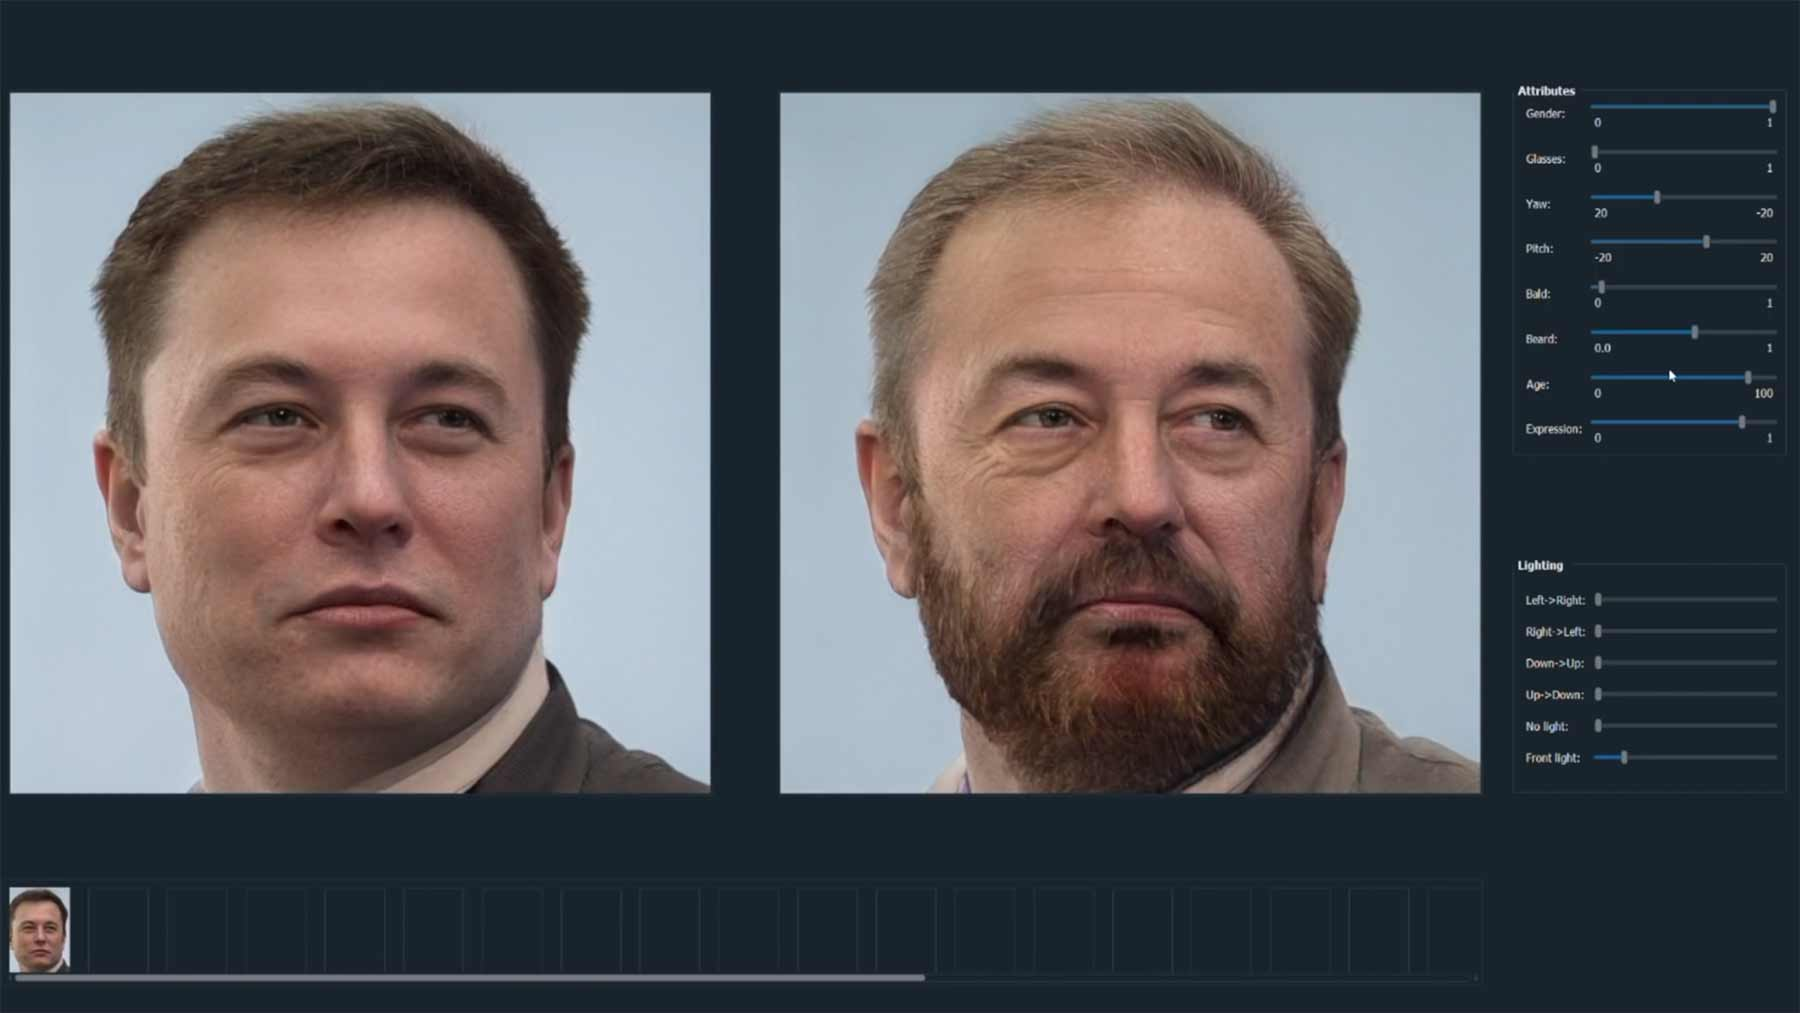 Die neue Gesichts-Erstellungs-AI von NVIDIA ist der Wahnsinn